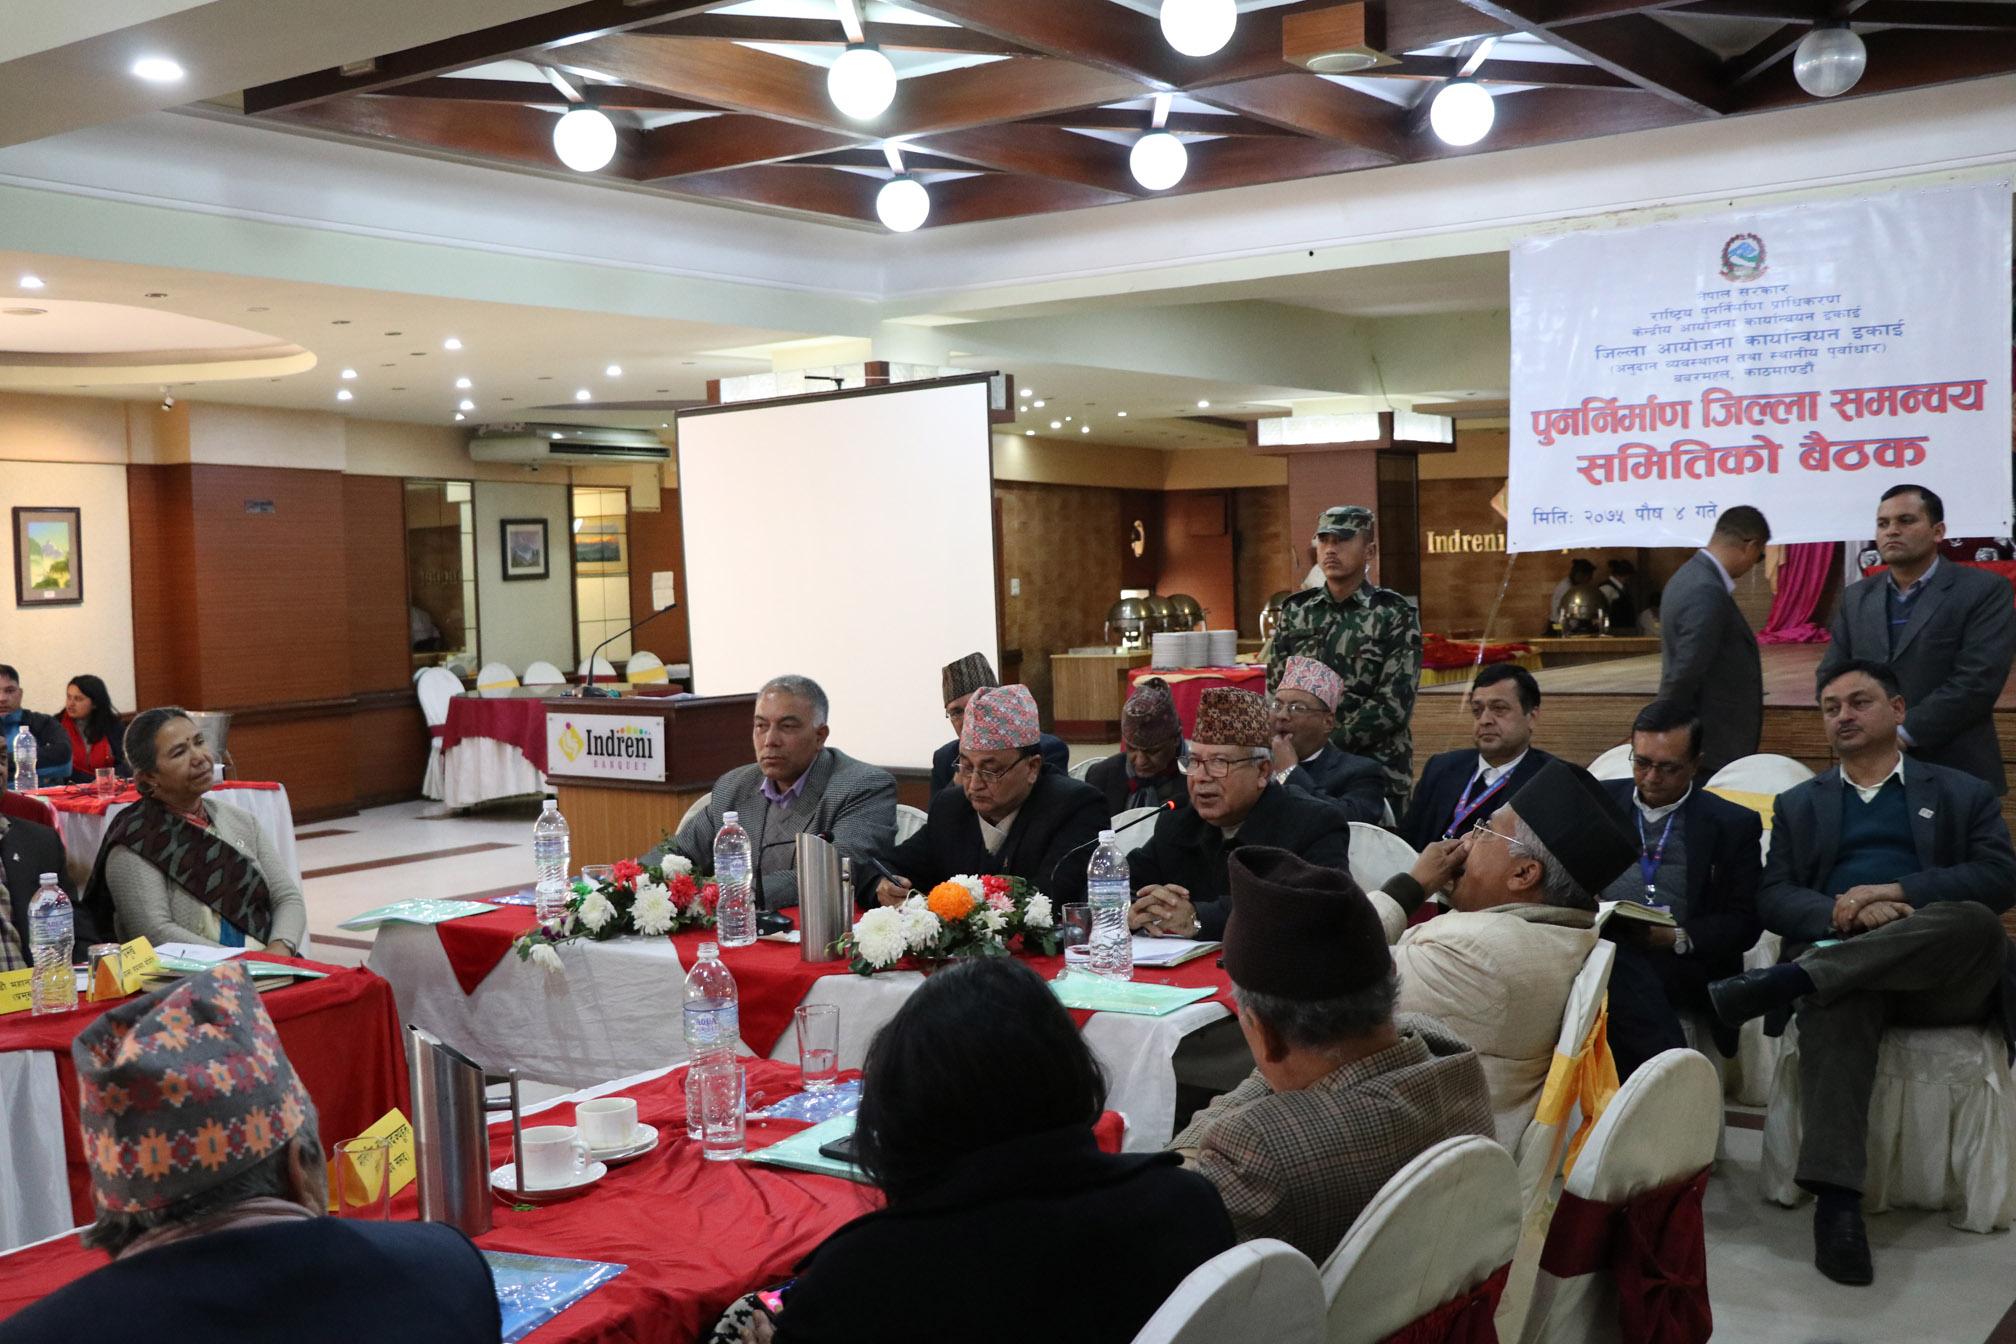 पुनर्निर्माण जिल्ला समन्वय समिति काठमाडौंको बैठक सम्बोधन गर्दै पूर्वप्रधानमन्त्री एवं काठमाडौं–२ का सांसद माधवकुमार नेपाल